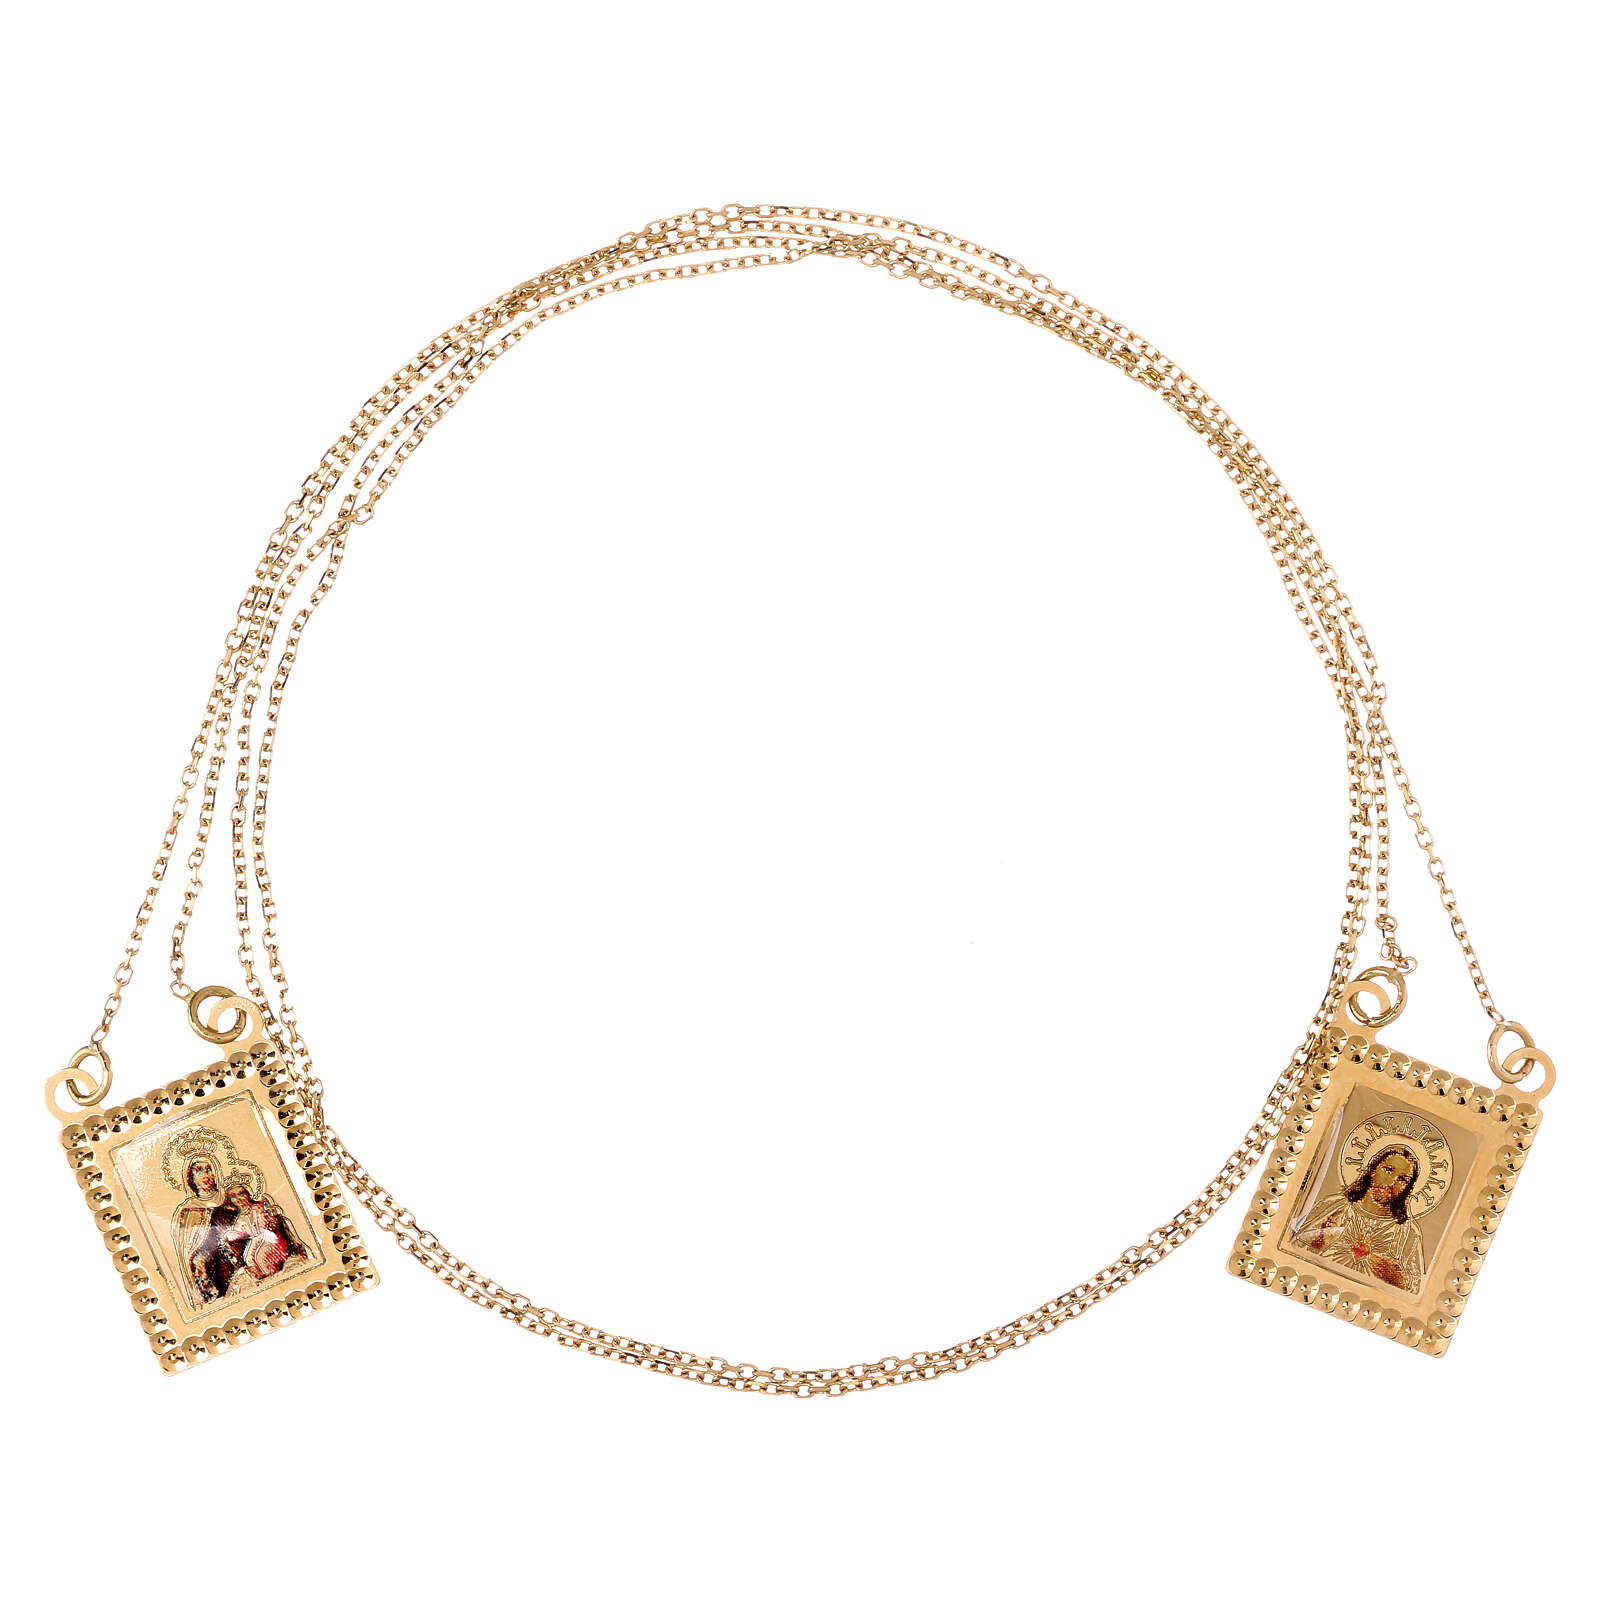 Skapulier Gold 750/00 mit Kette 70cm 4.5gr 4